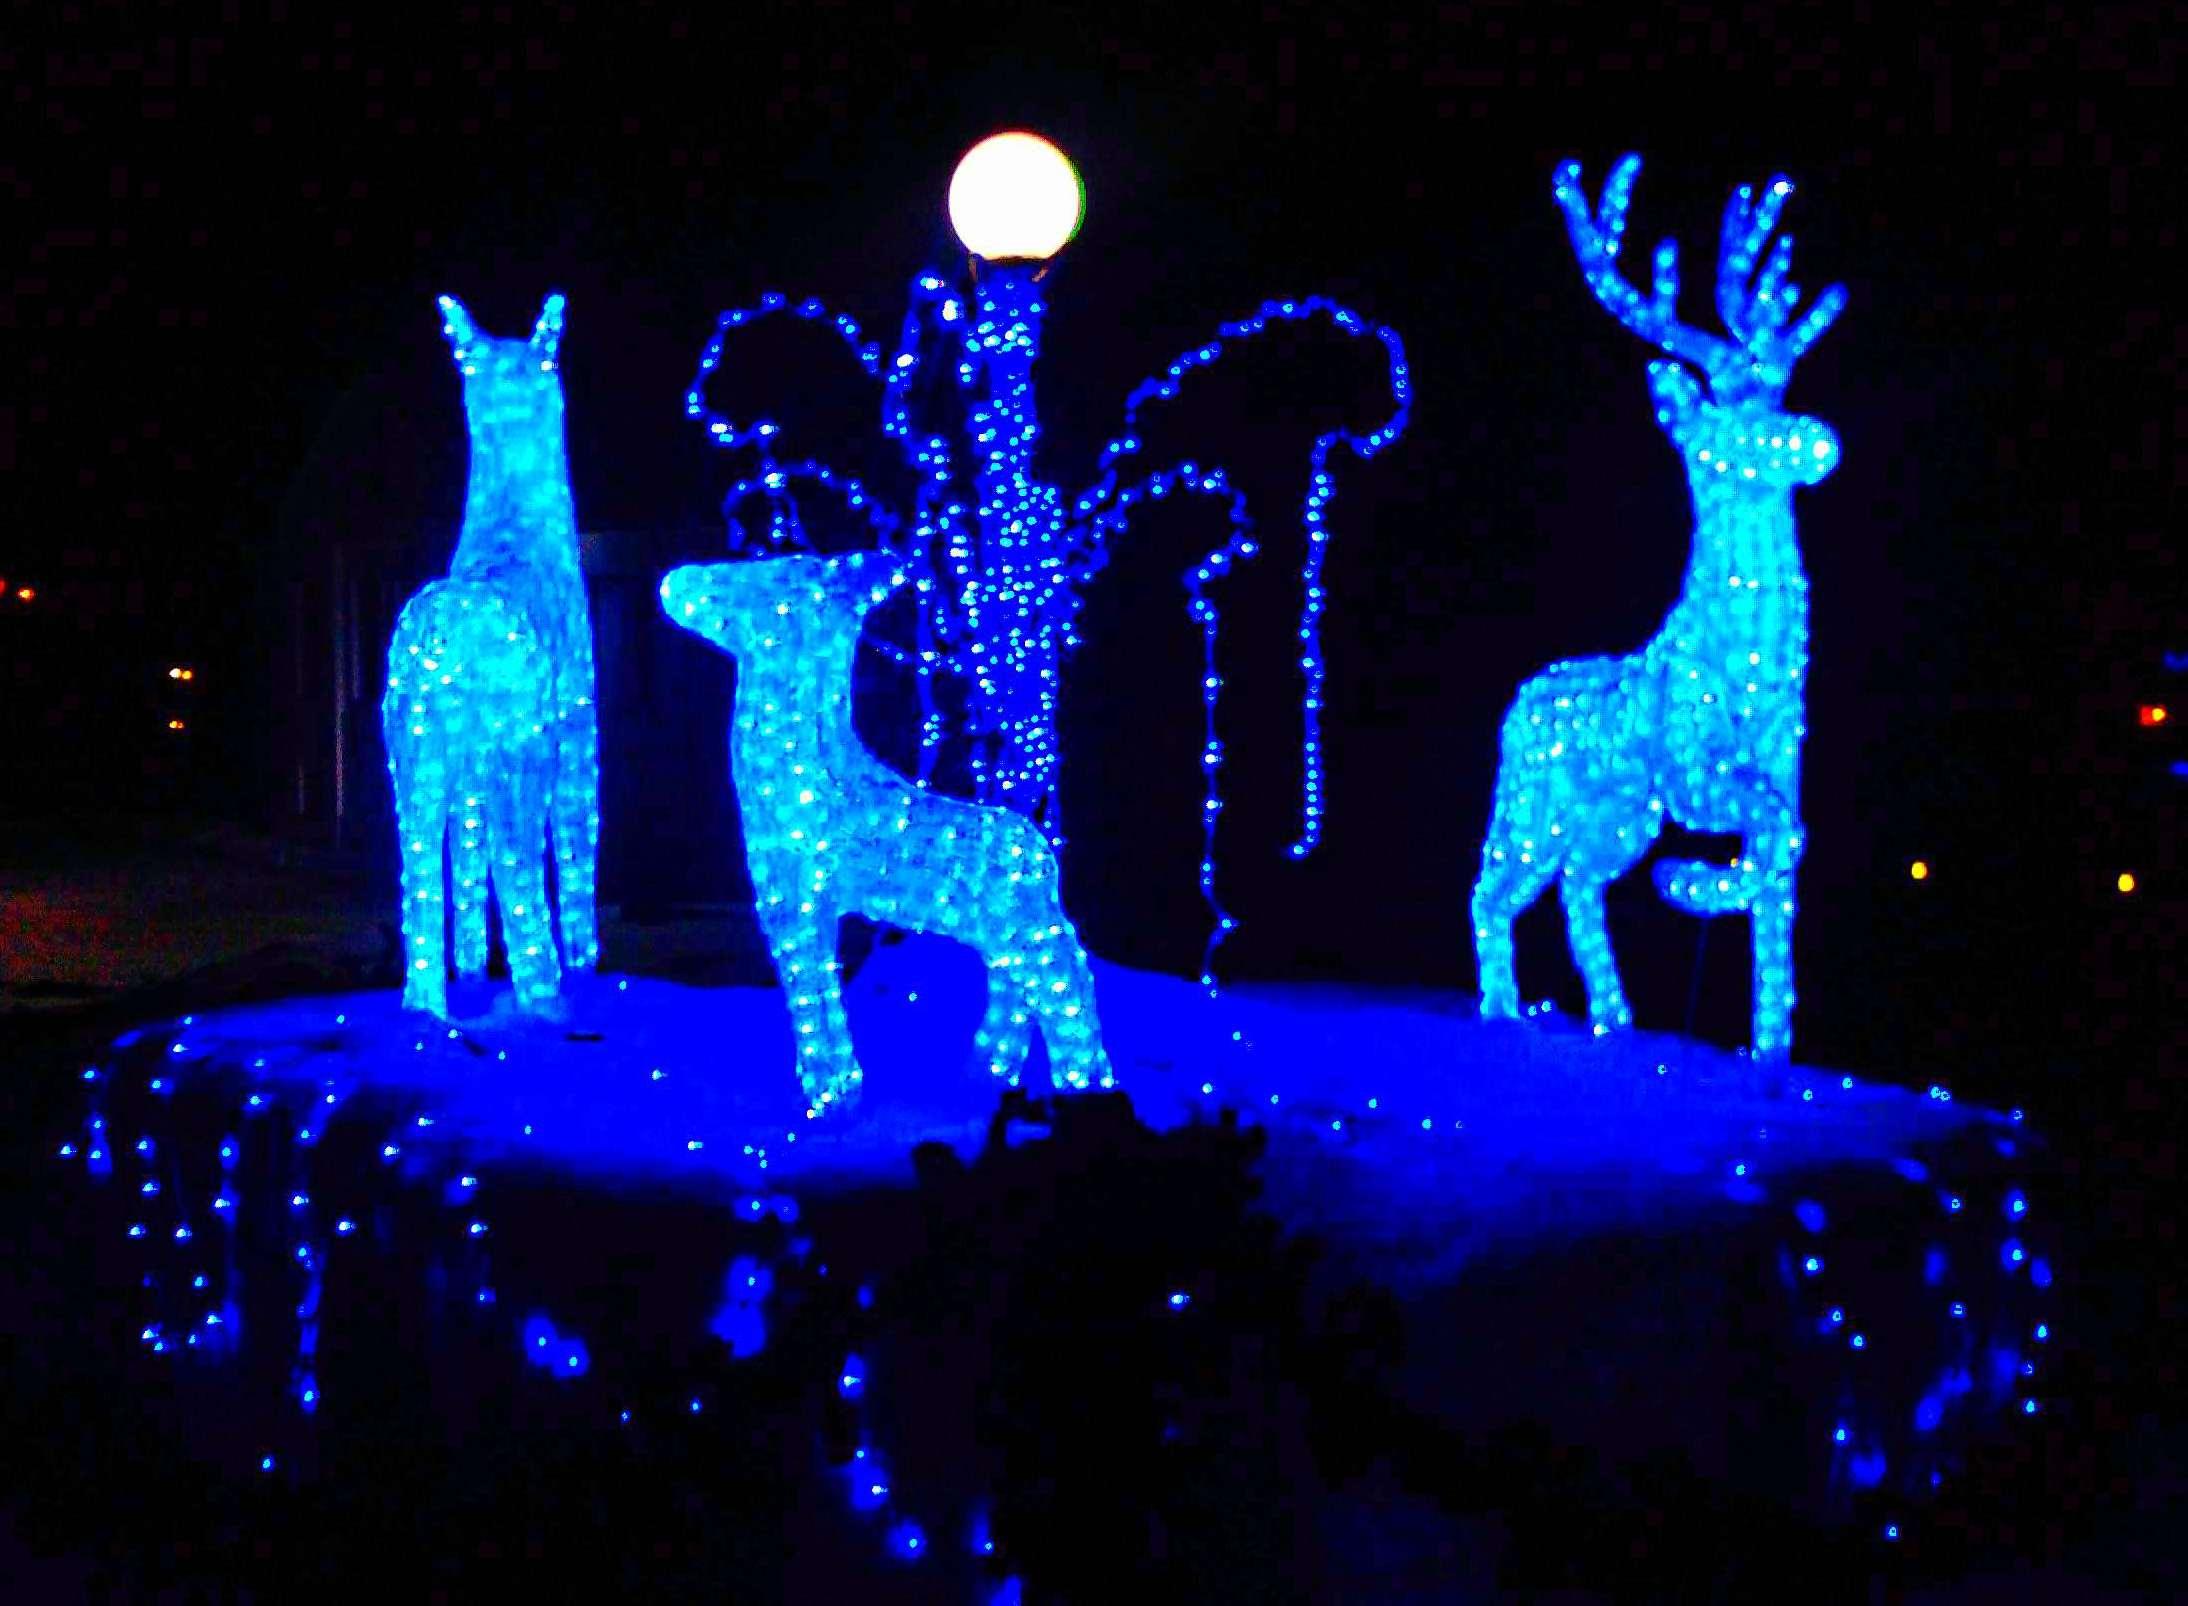 Семейство оленей.. Блиц: синее и голубое